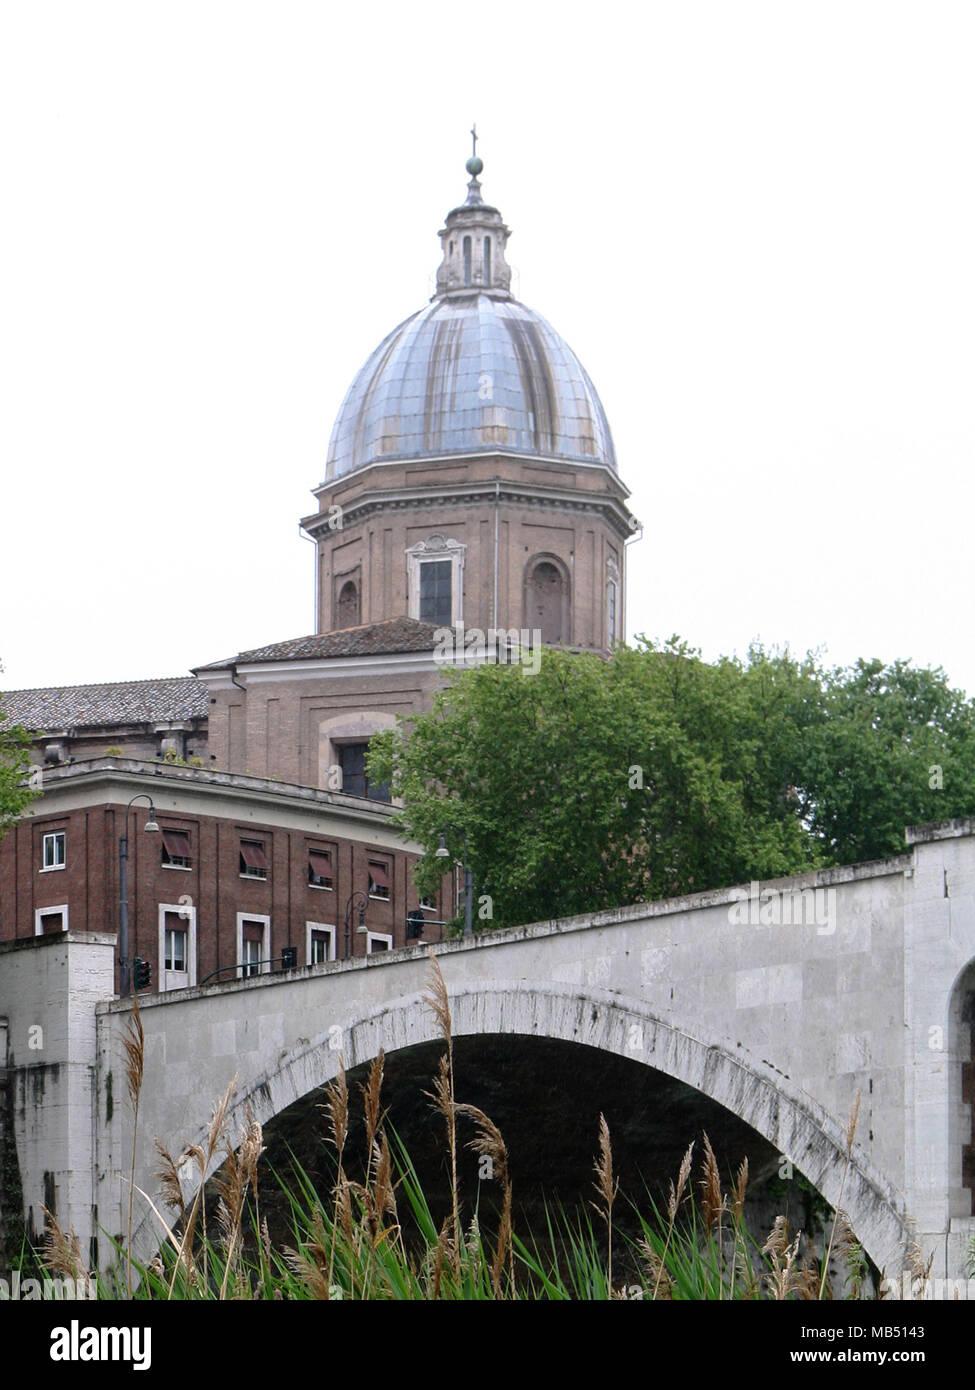 Saint-jean de l'église florentine dome et pont, Rome, Italie Banque D'Images